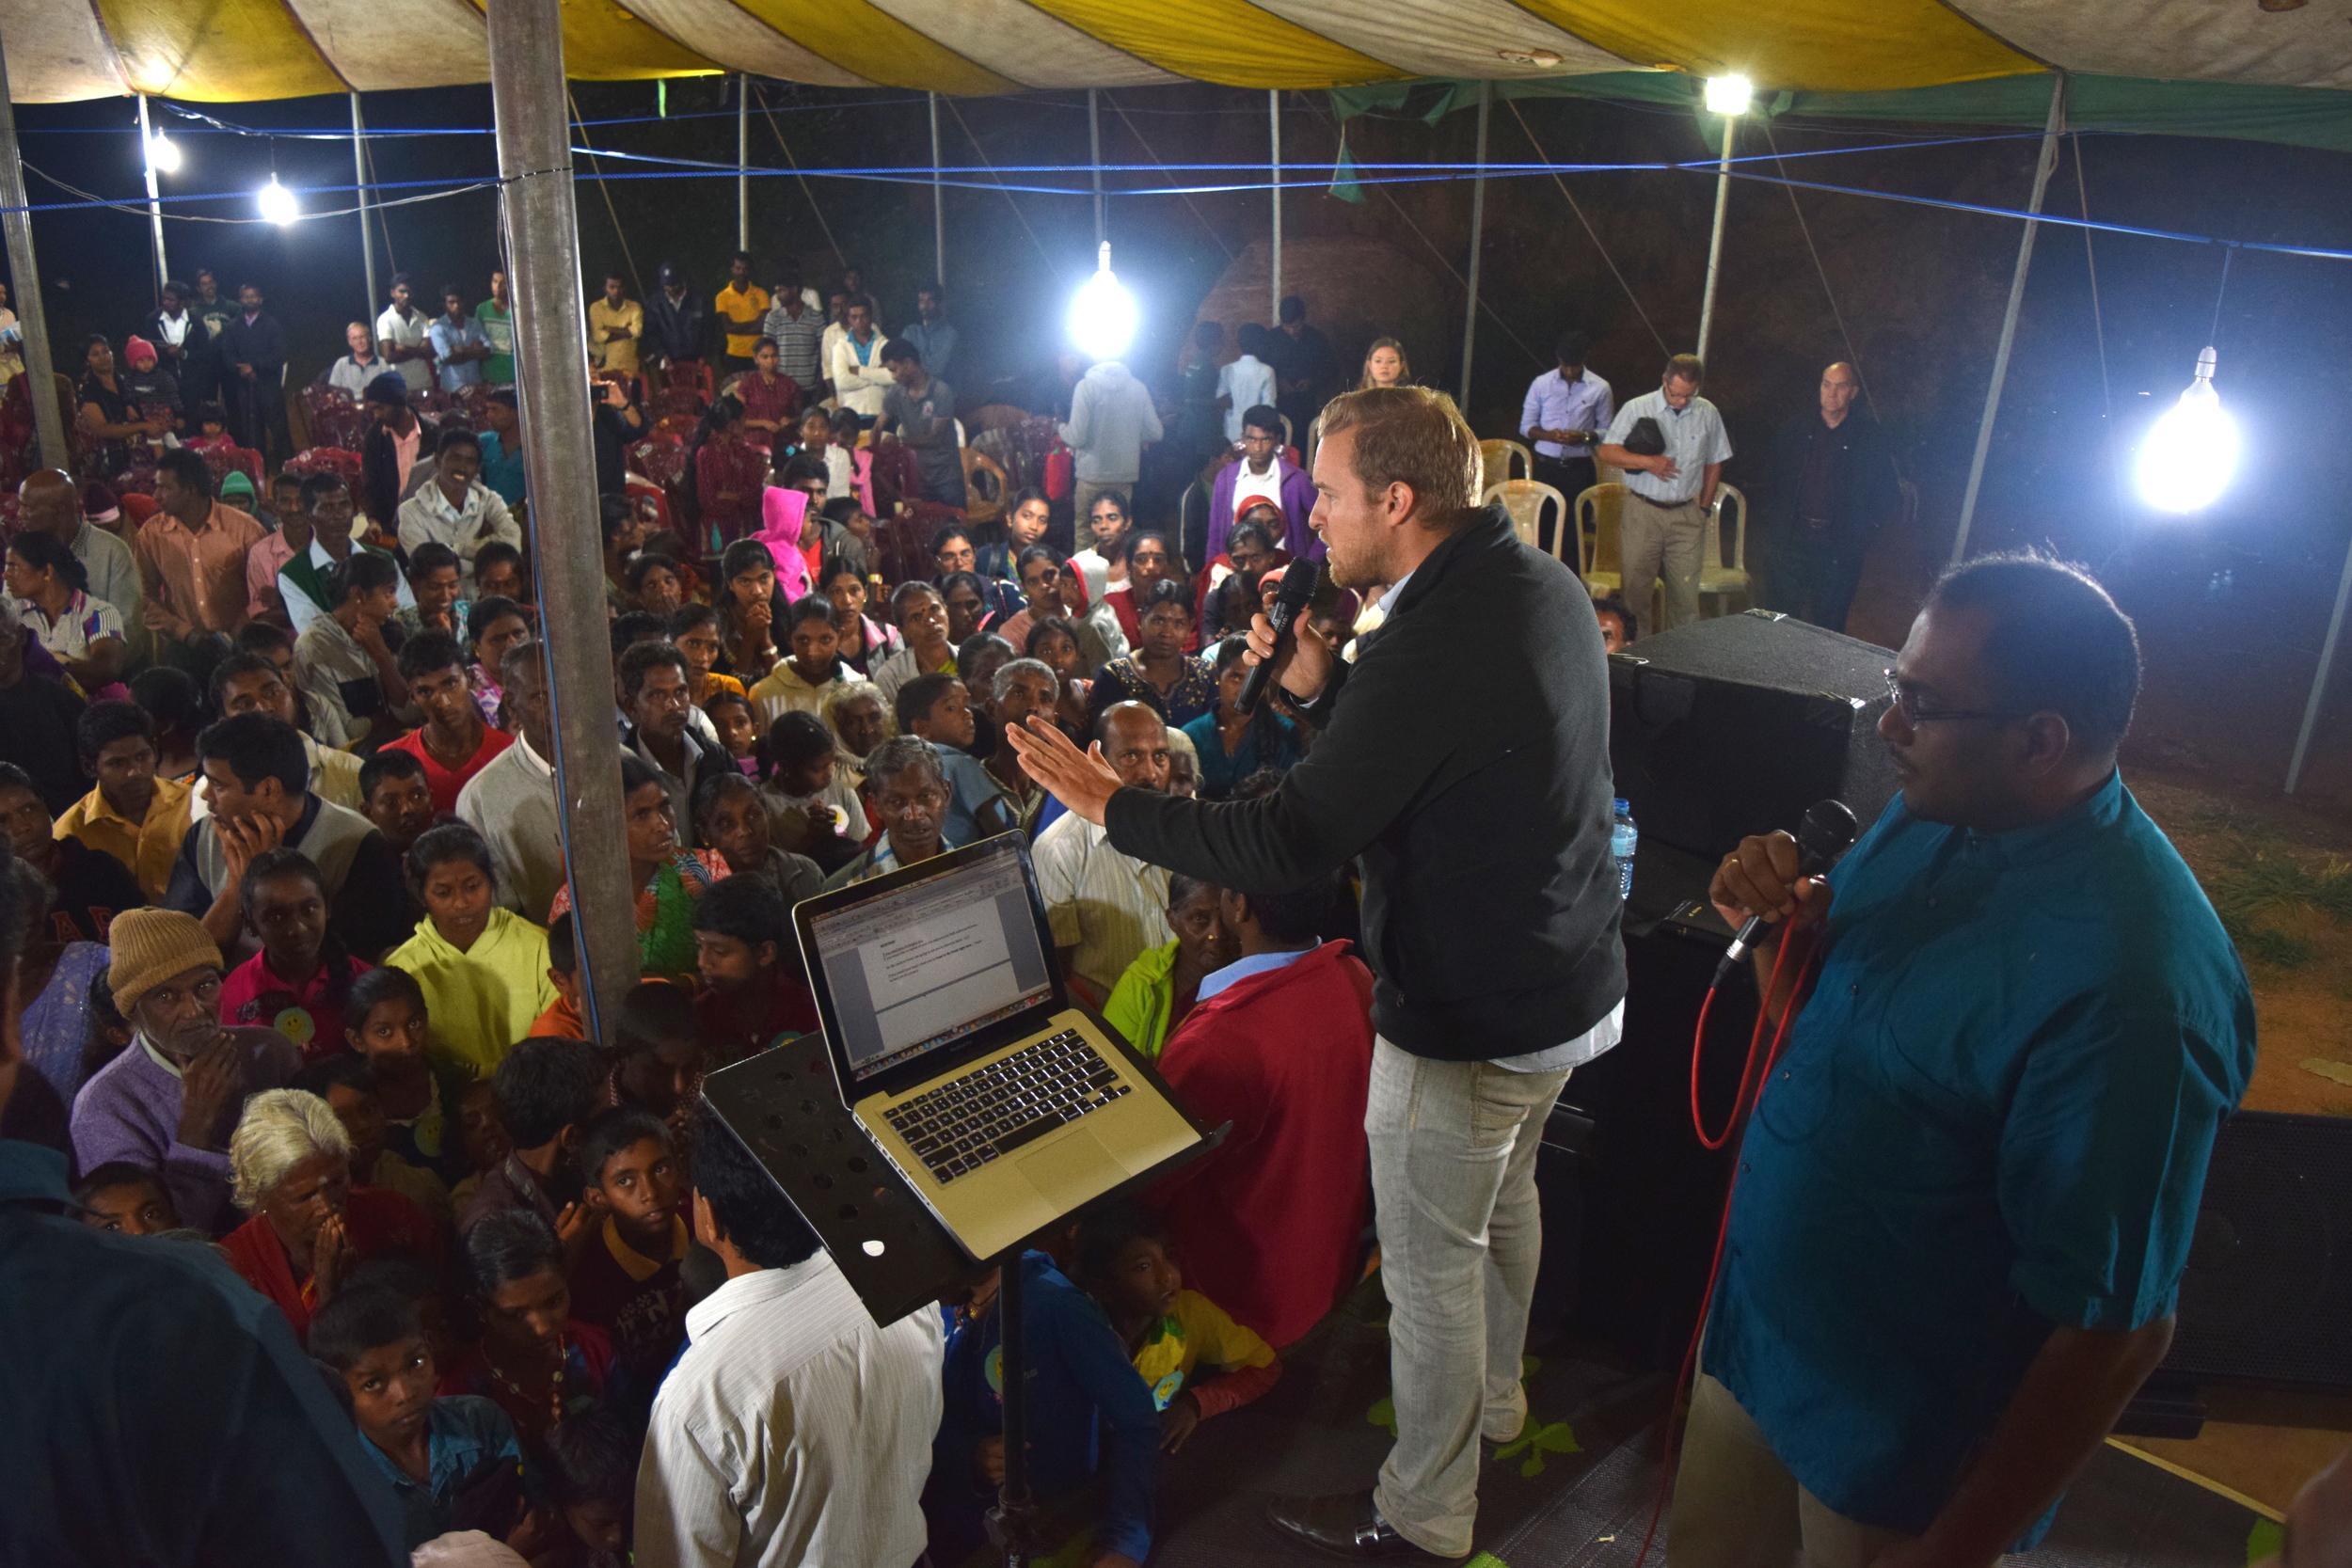 Sharing the gospel at the crusade